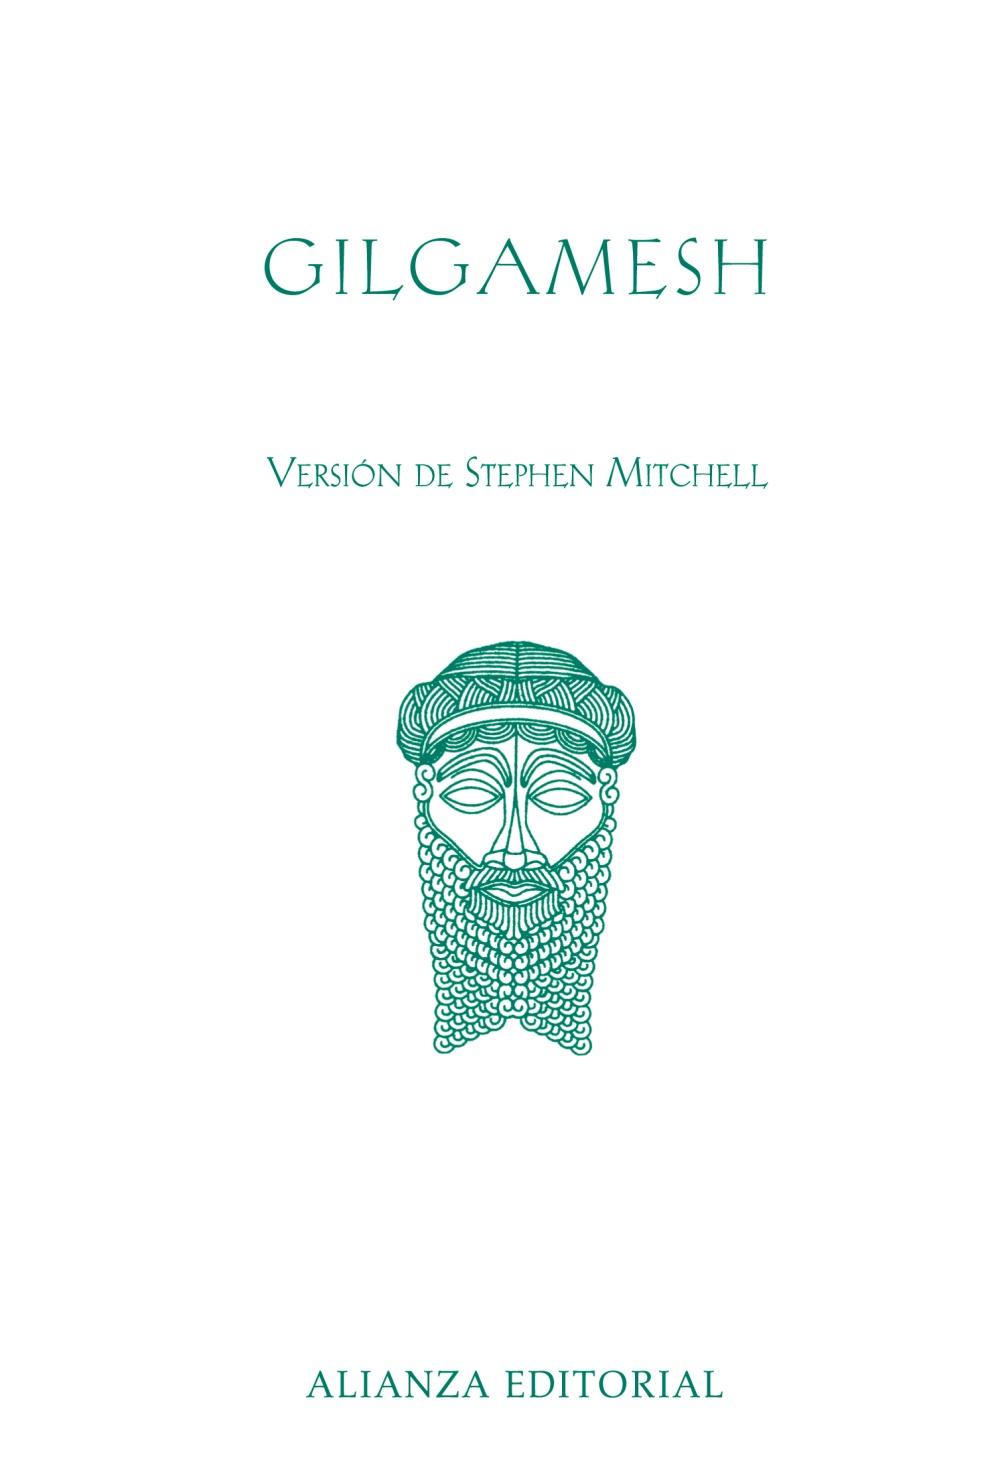 Gilgamesh (version De Stephen Mitchell) - Mitchel Stephen (ed.)